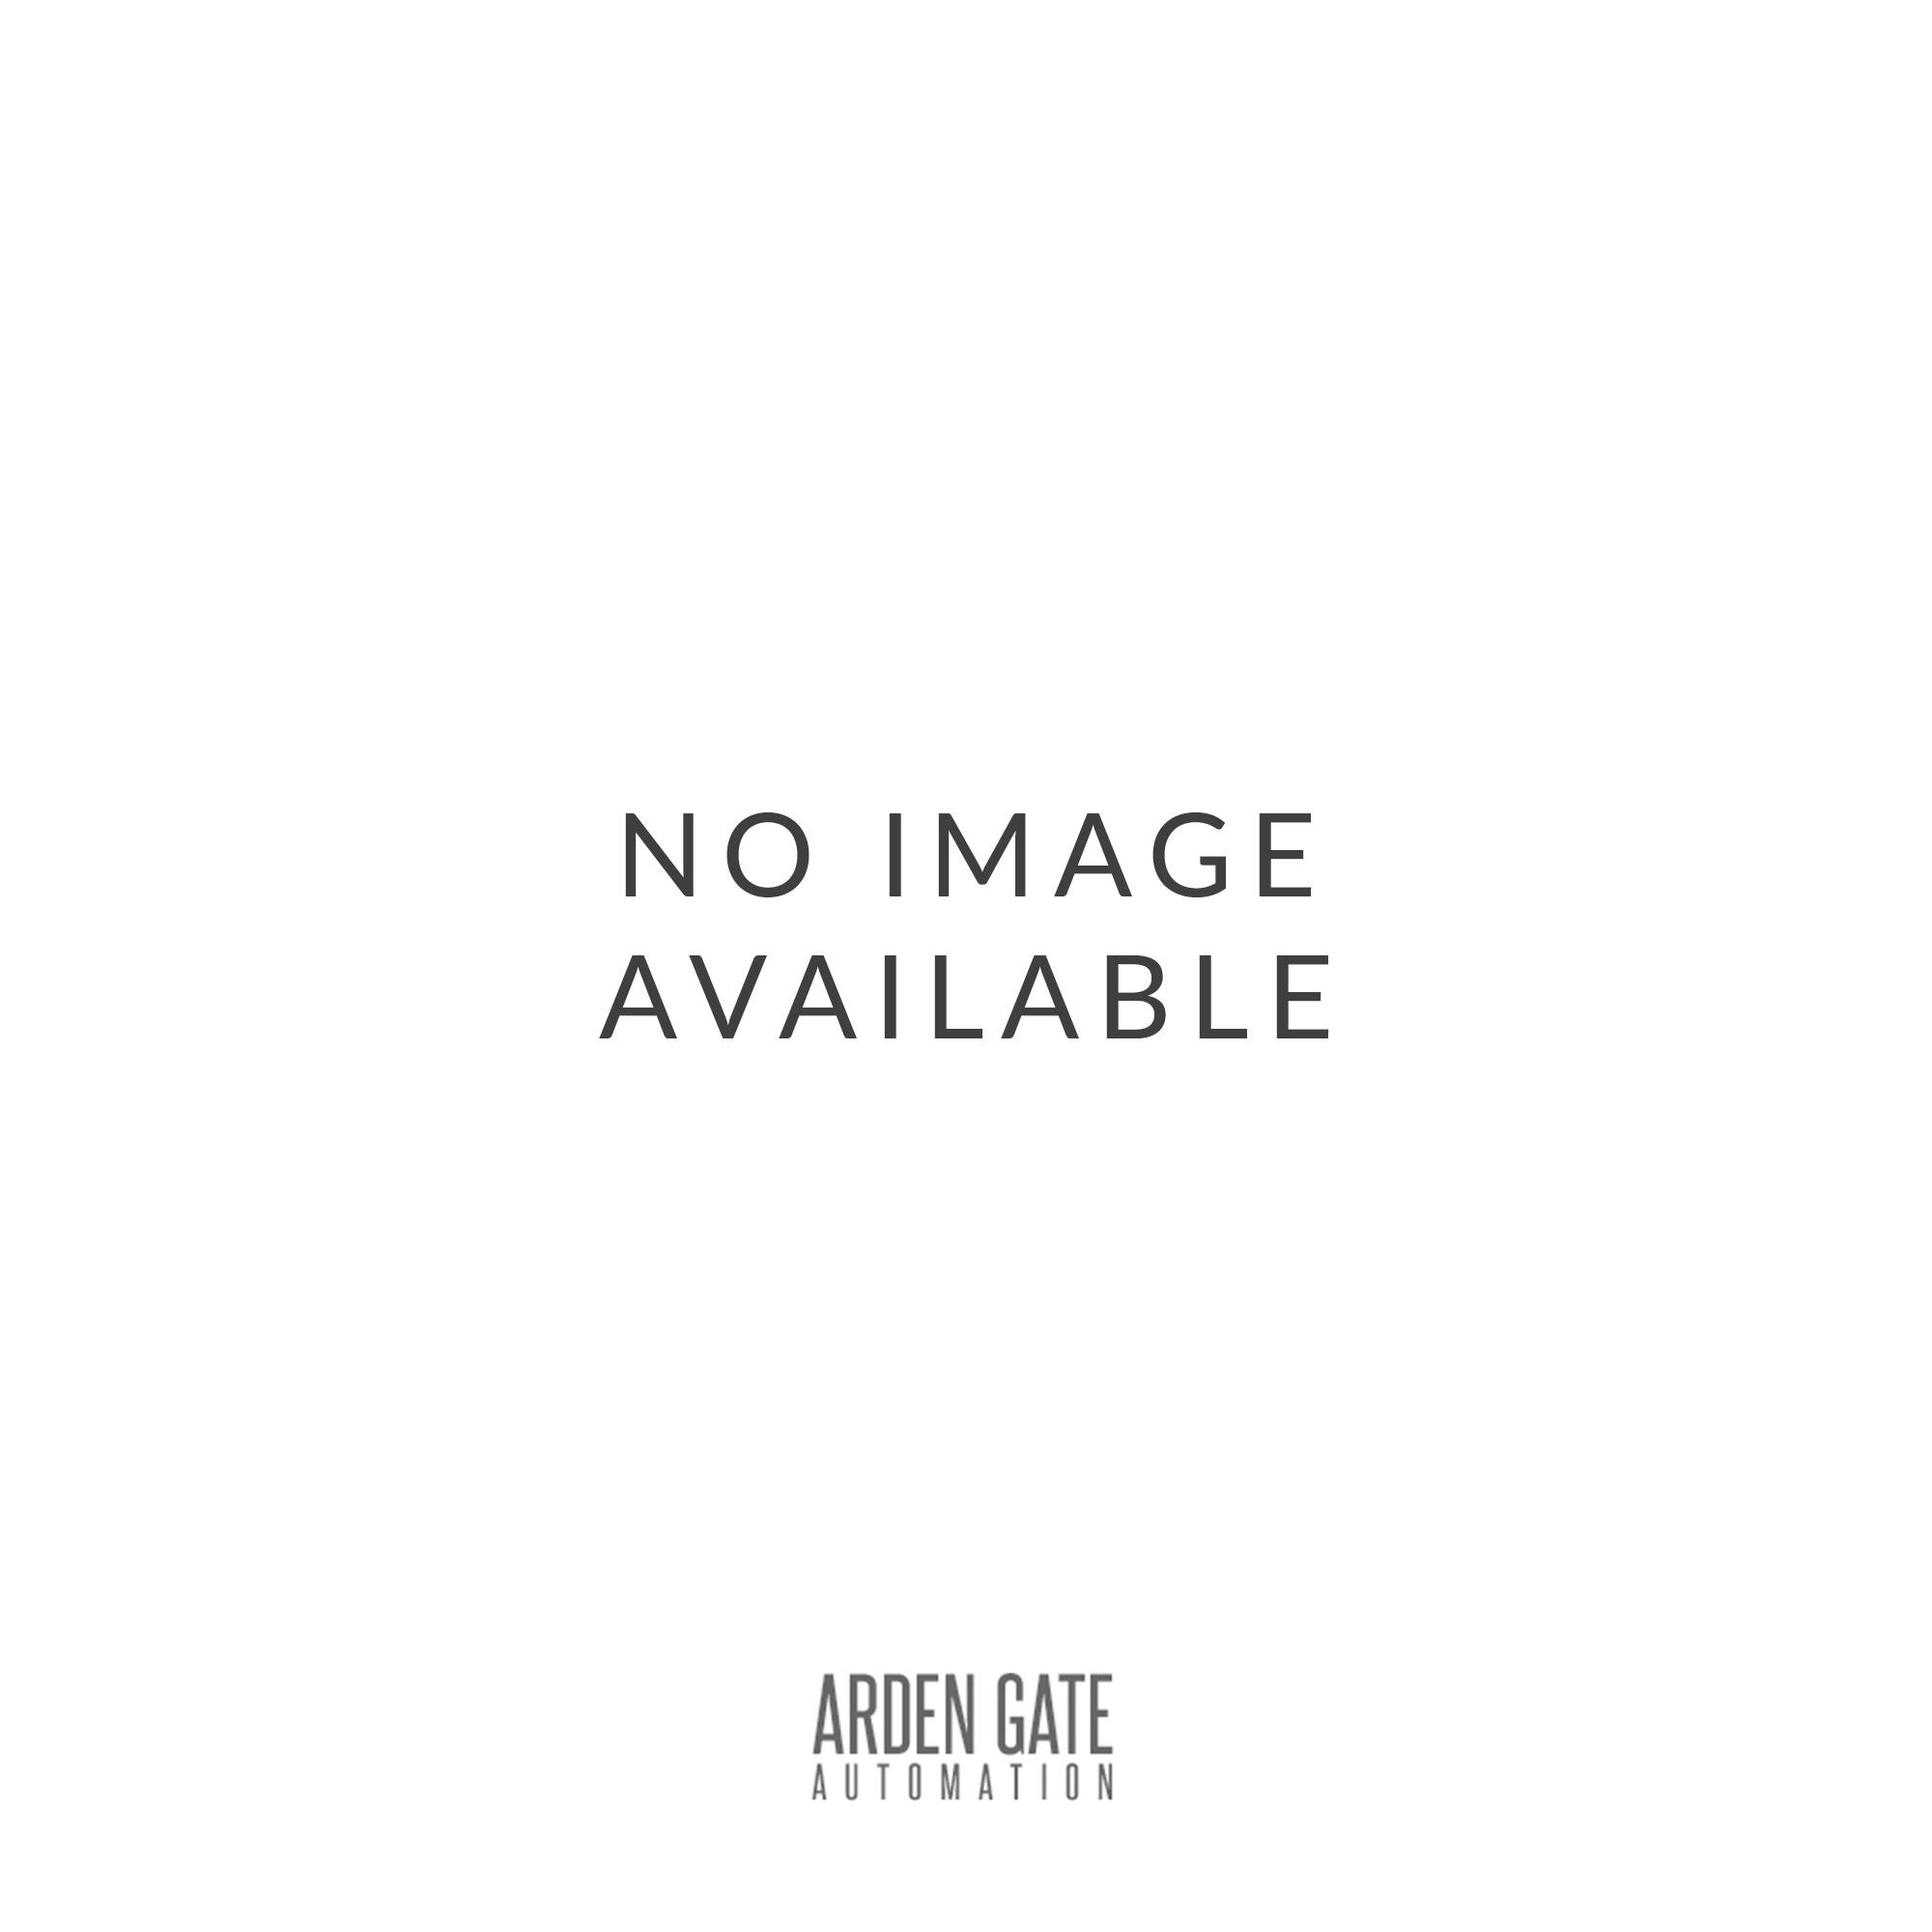 SUB R Hydraulic motor (LH or RH motor)